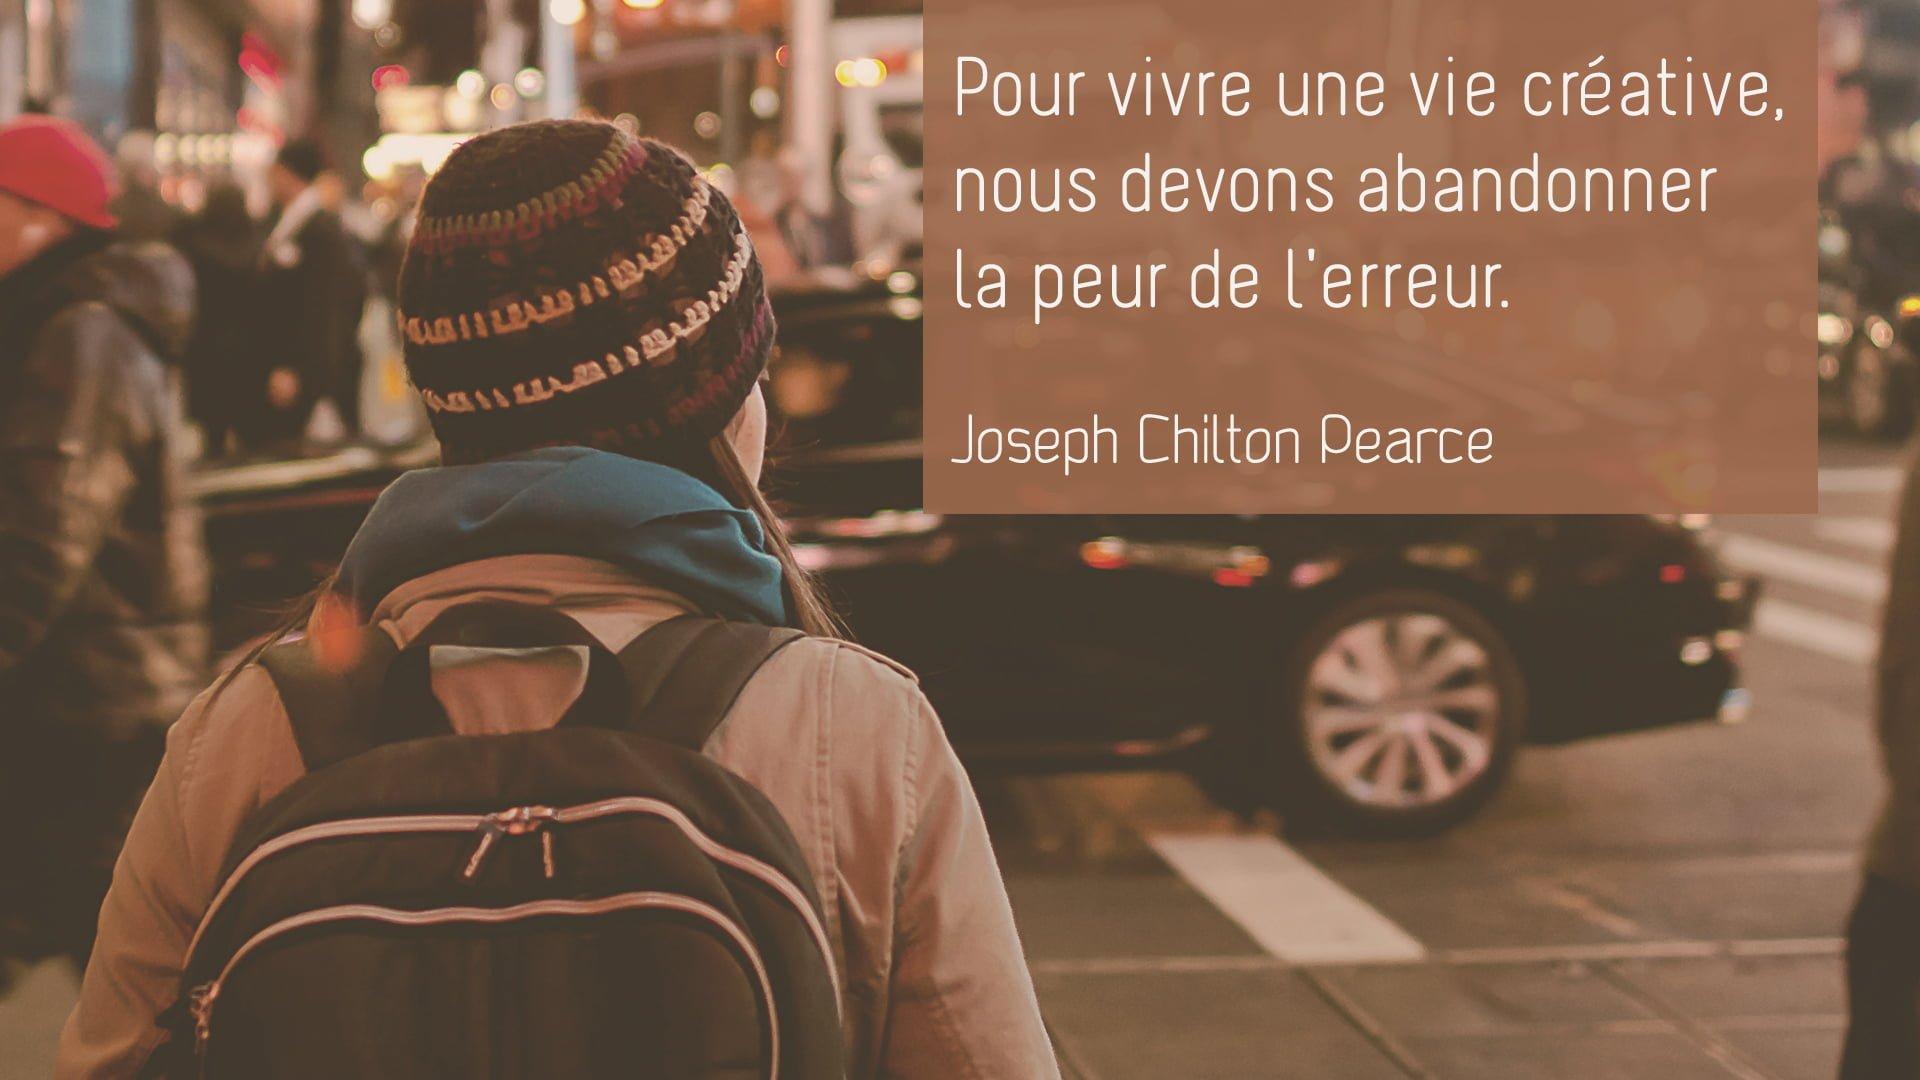 Joseph Chilton Pearce – Une vie créative